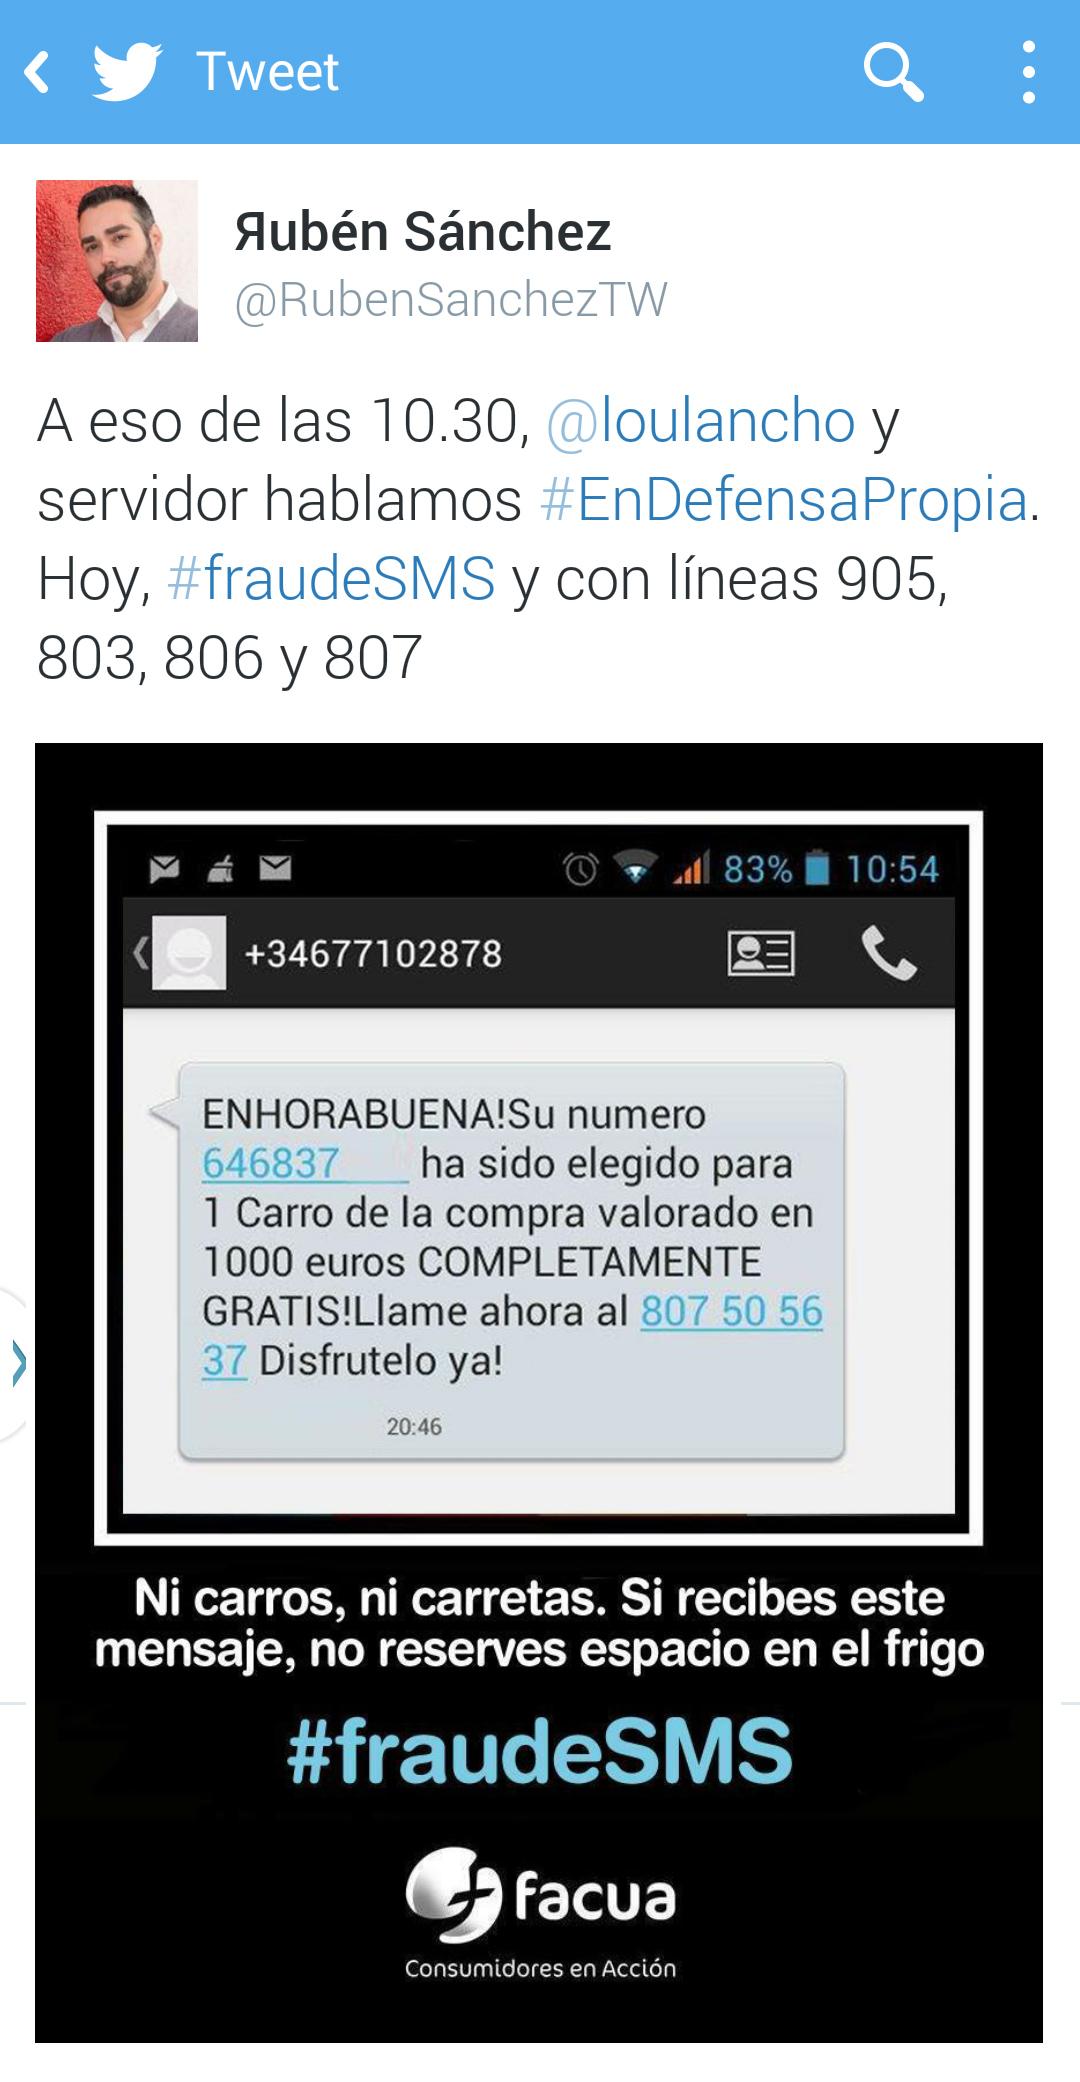 Twitter suspende la cuenta del portavoz de FACUA, @RubenSanchezTW, por informar de un fraude